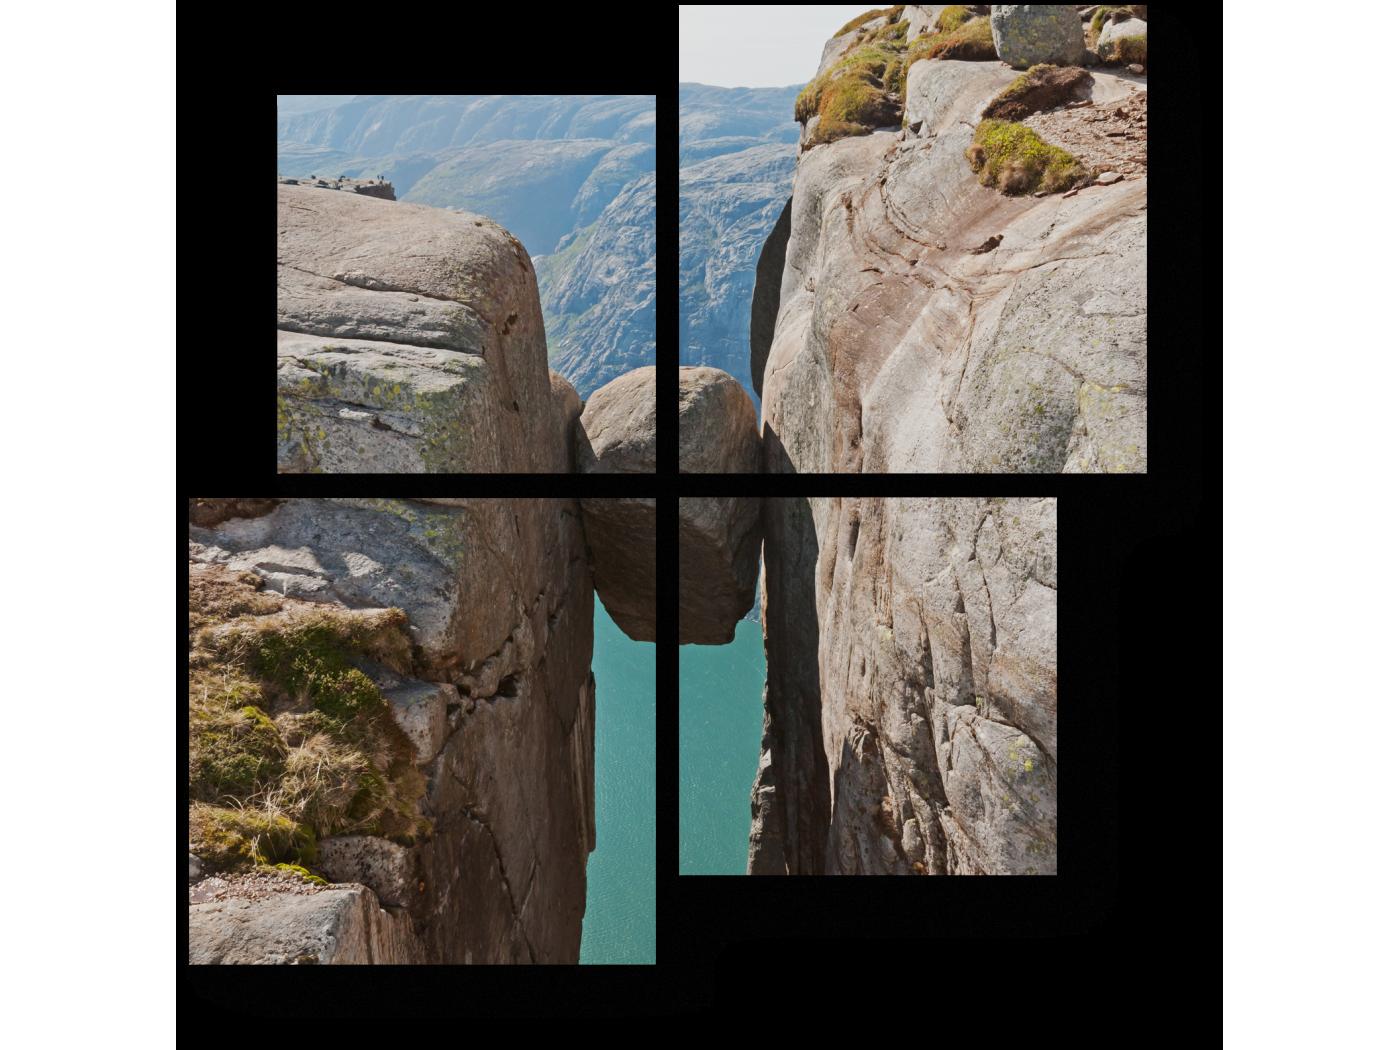 Модульная картина Магнит для любителей острых ощущений (50x50) фото